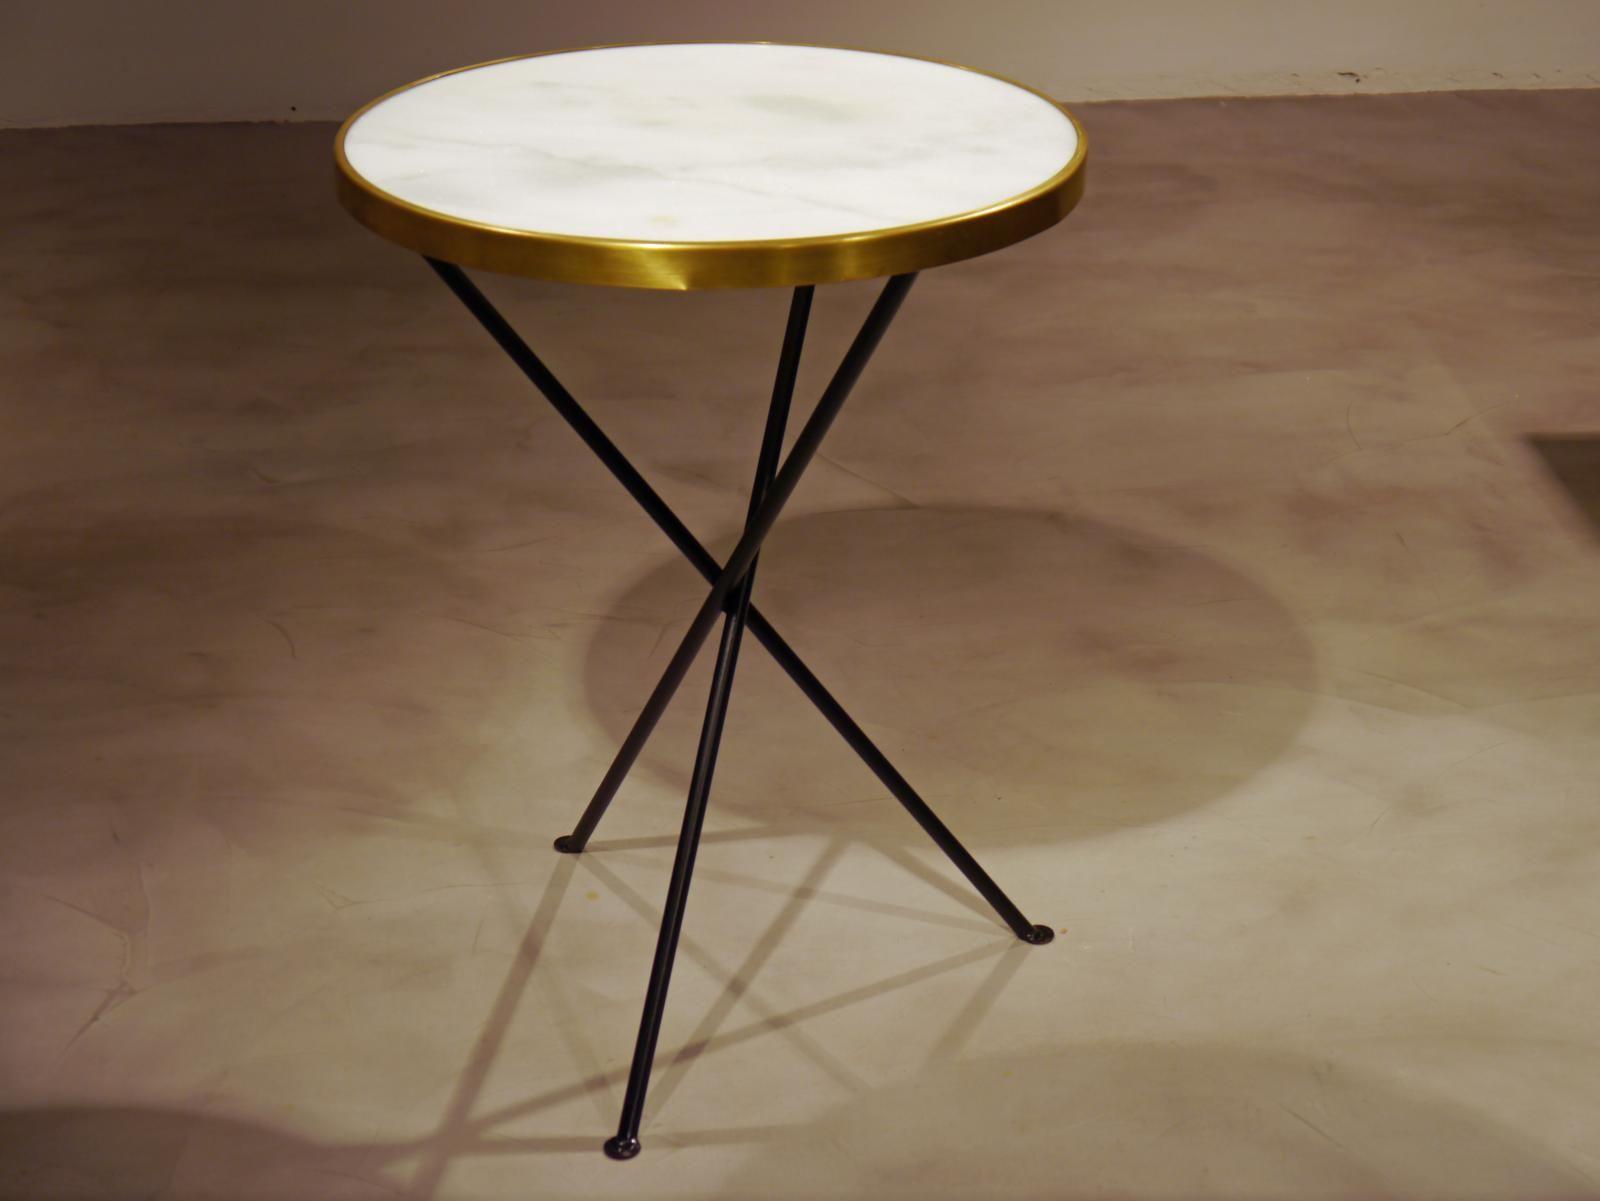 Mesa redonda estilo vintage con m rmol y aro de lat n - Mesa redonda vintage ...